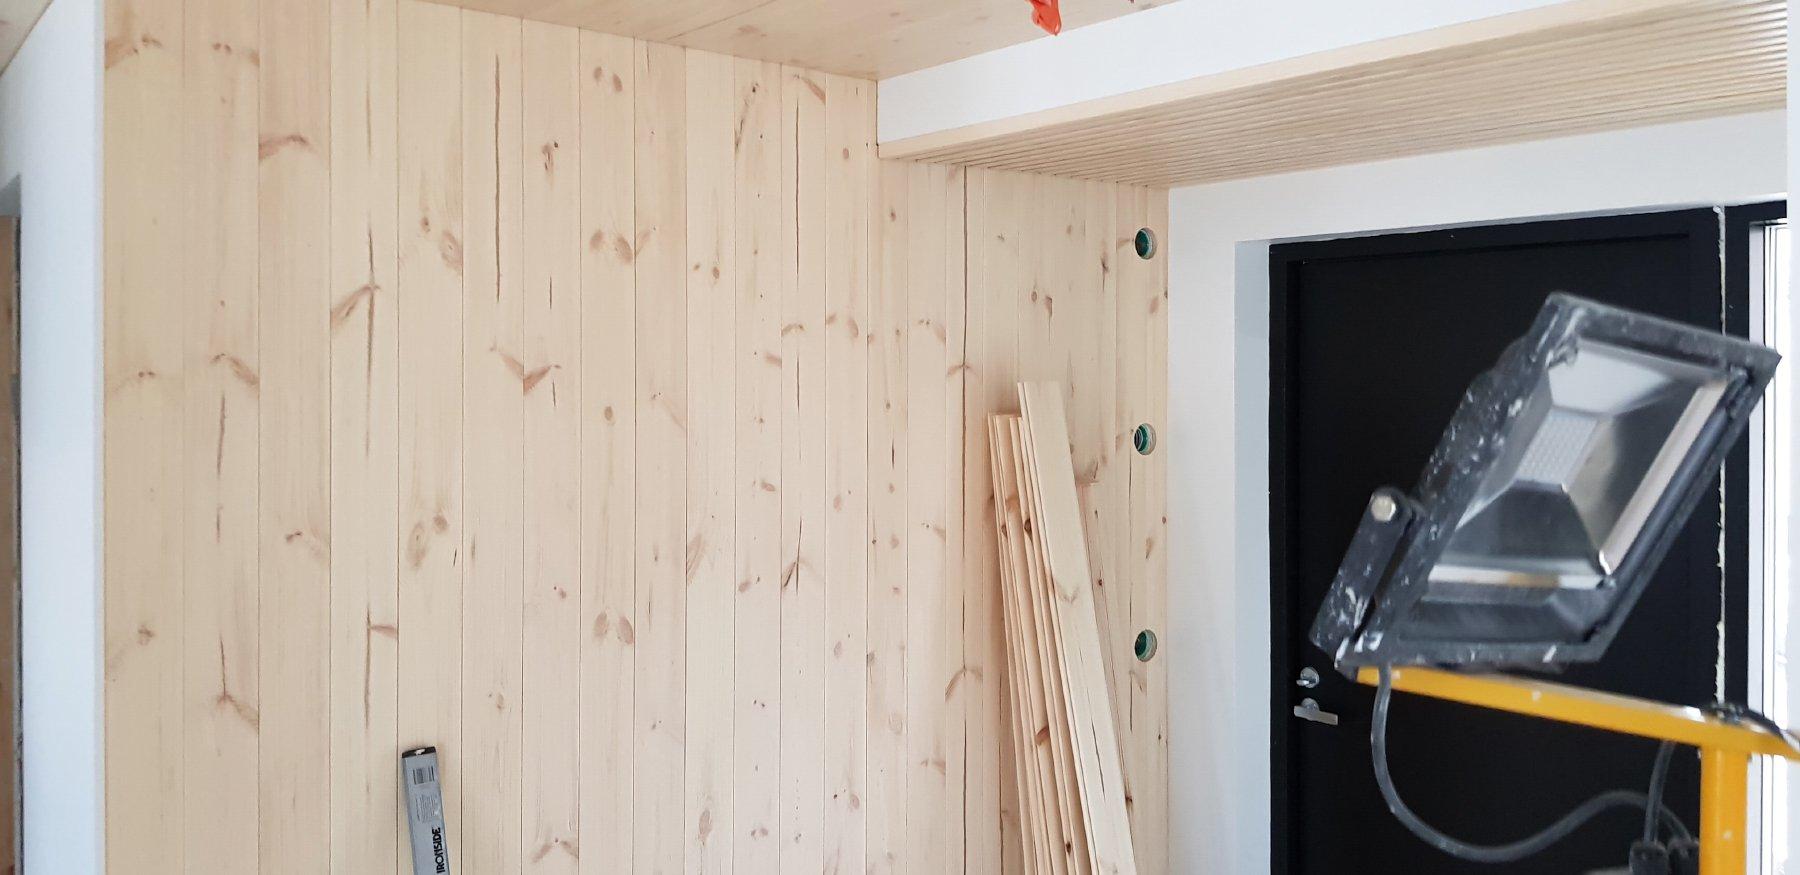 Pintamateriaaliksi suojakäsiteltyä mäntypaneelia, laattoja ja Tikkurilan maaleja